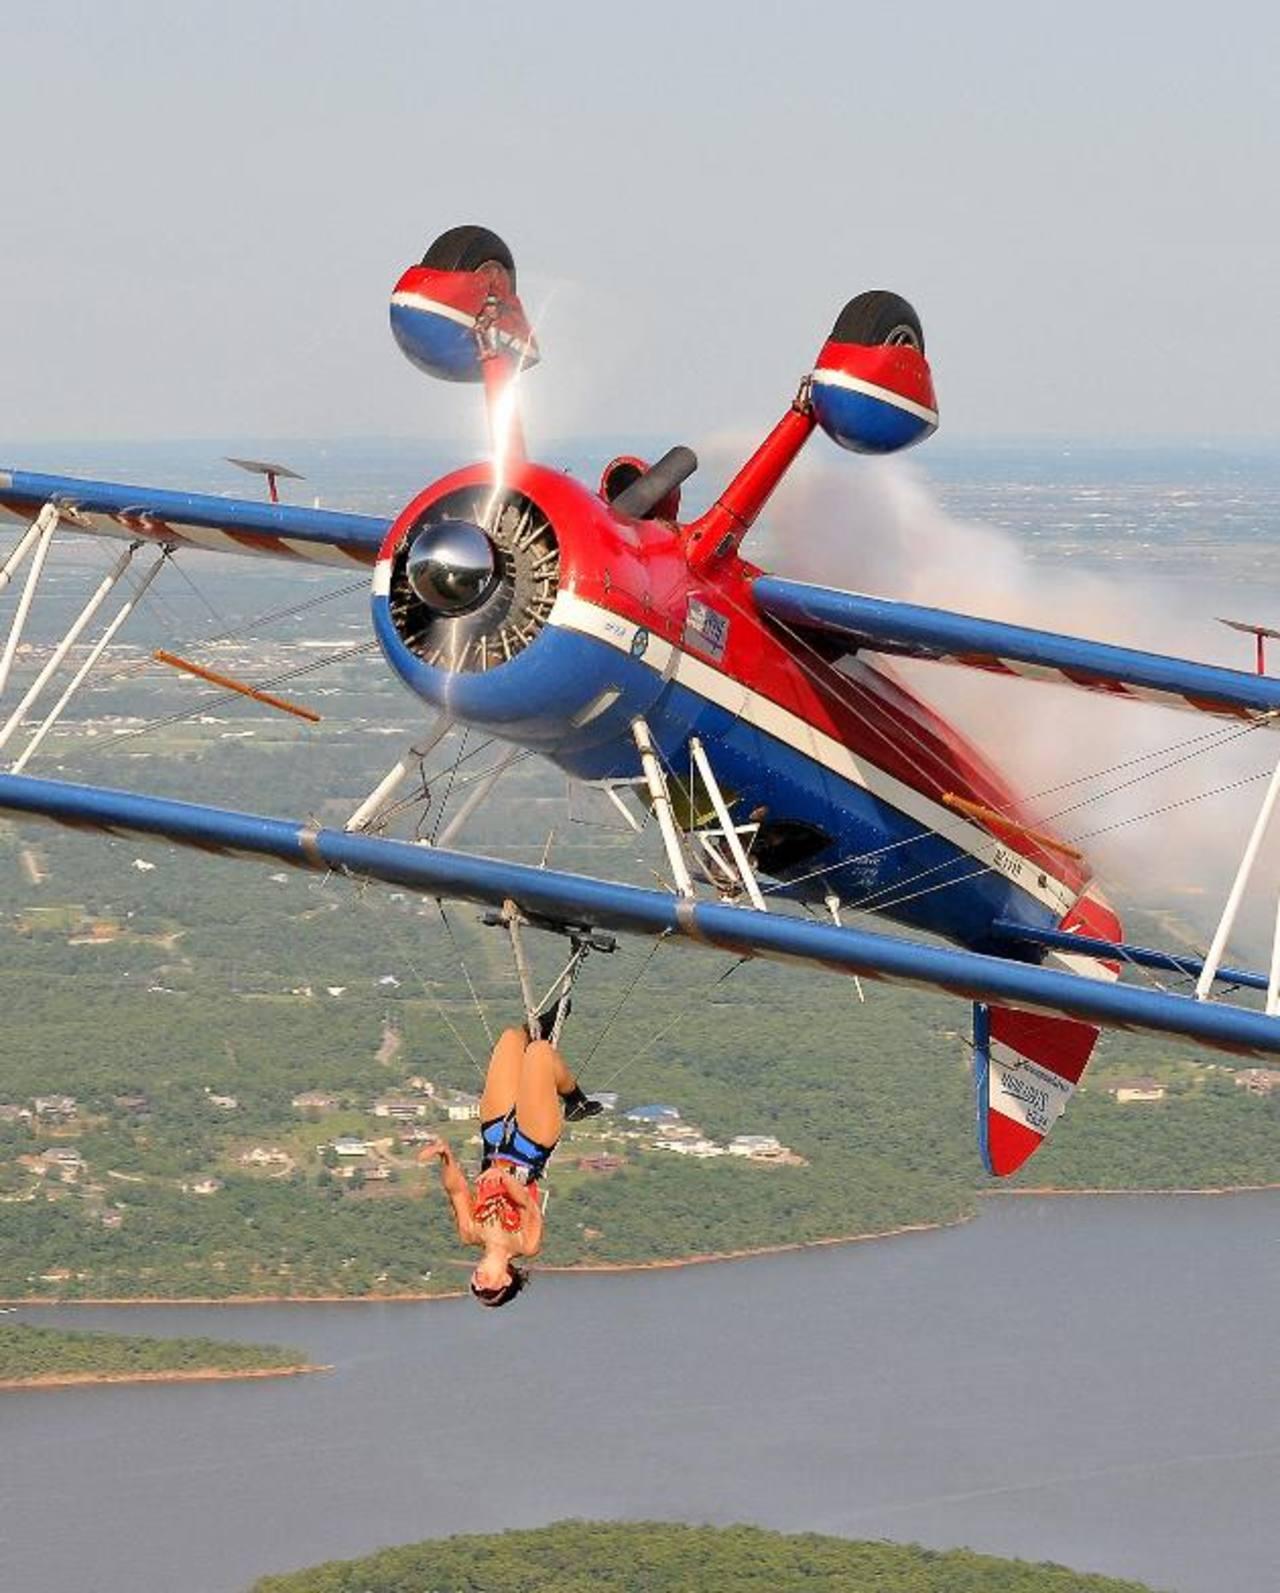 Ashley Battles y el piloto Greg Shelton realizan atrevidas piruetas en leno vuelo. Ella no usa paracaídas.